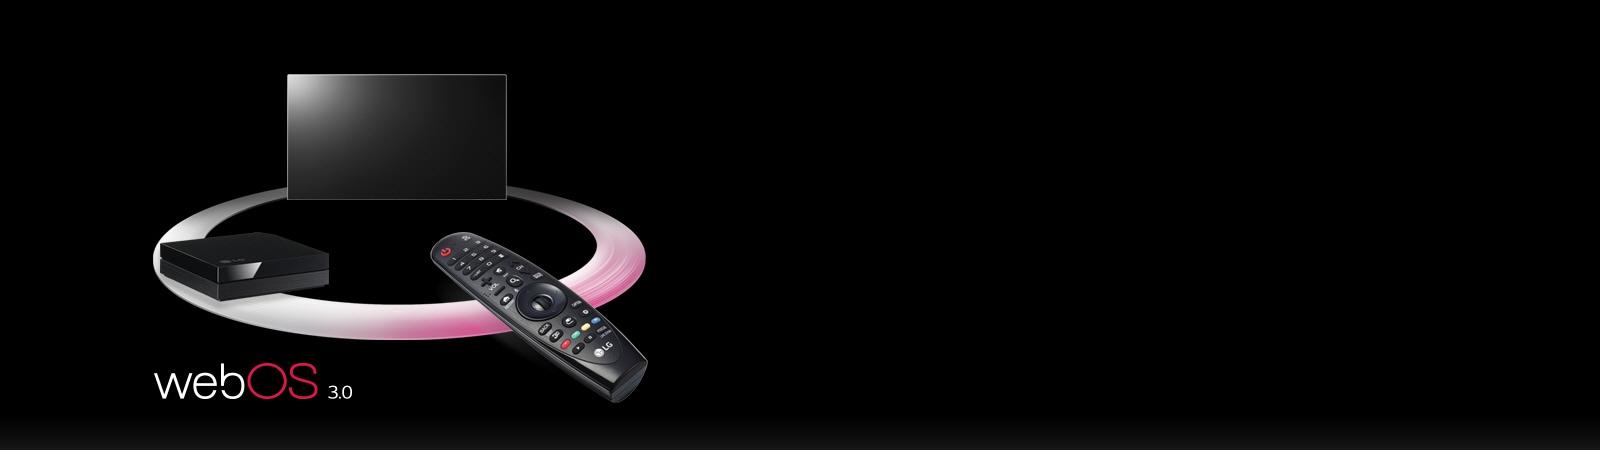 LG Magic Remote ควบคุมฟังก์ชั่นการใช้งานสมาร์ททีวีต่างๆง่ายเสมือนเม้าส์ไร้สาย